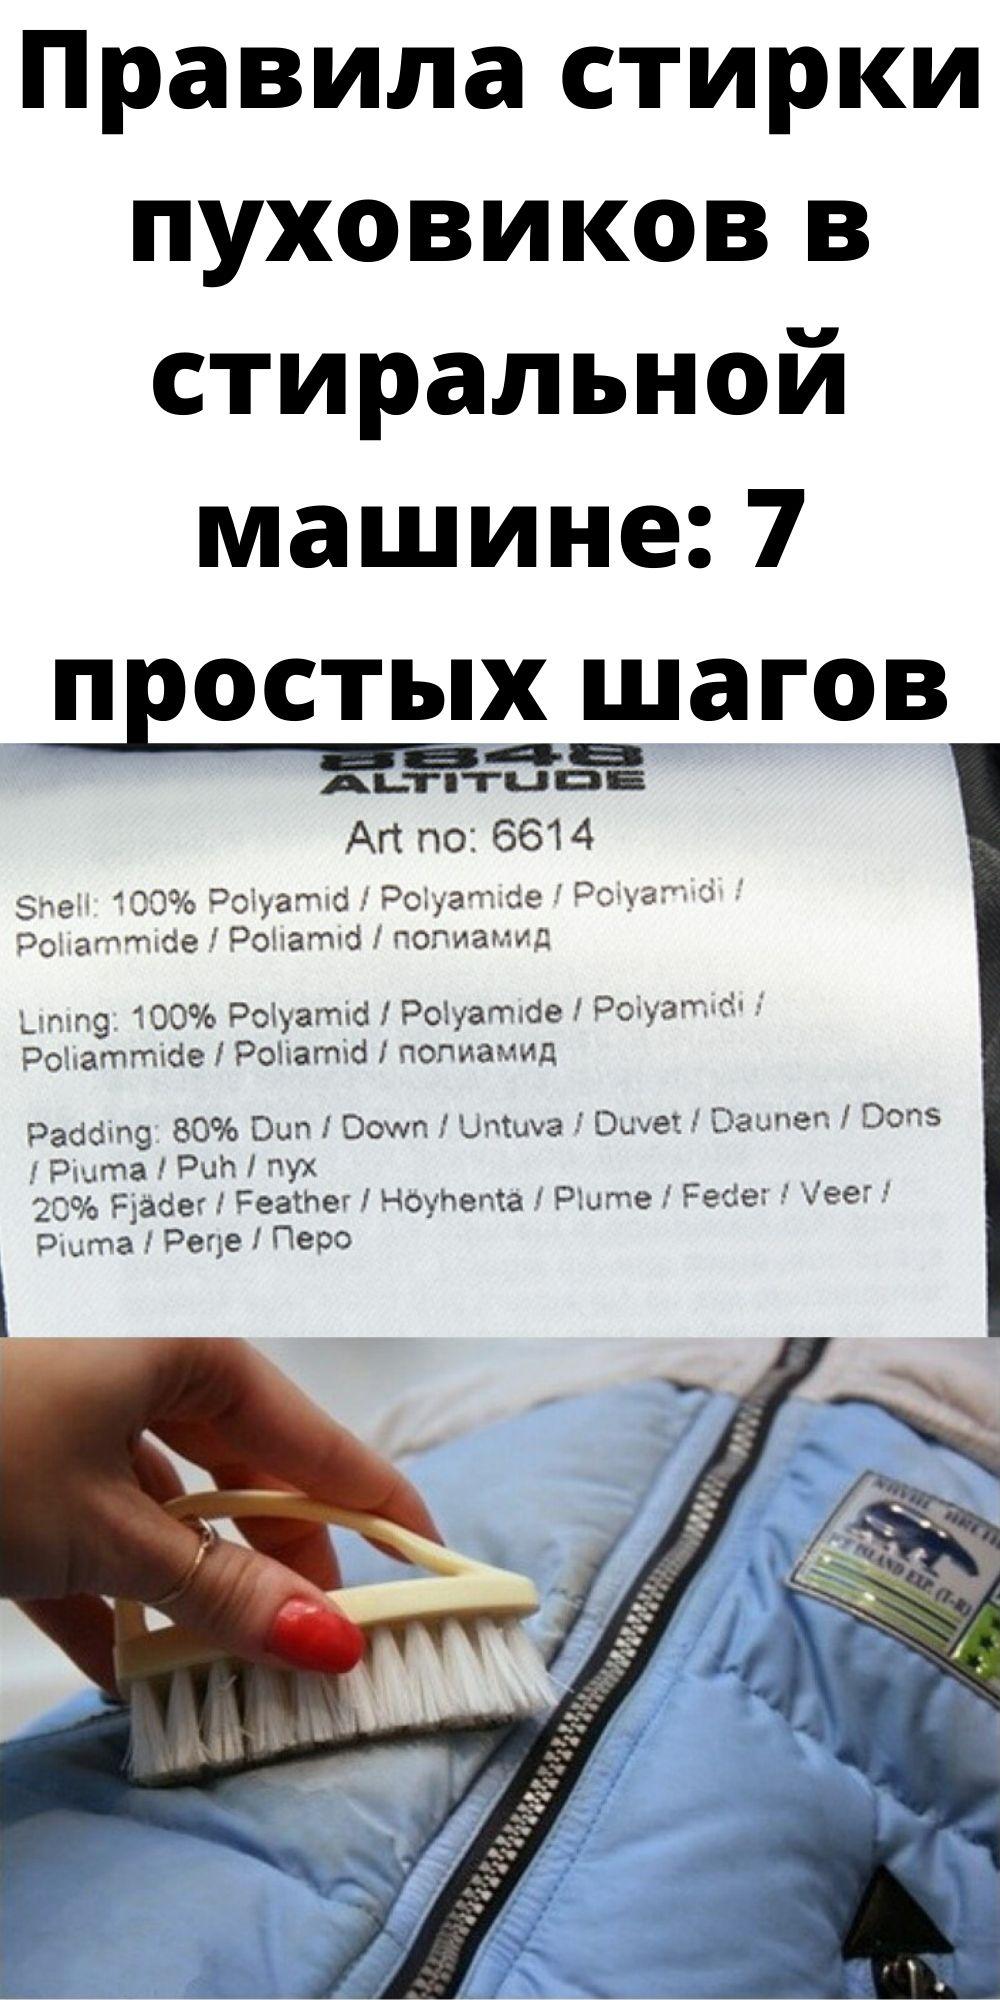 Правила стирки пуховиков в стиральной машине: 7 простых шагов